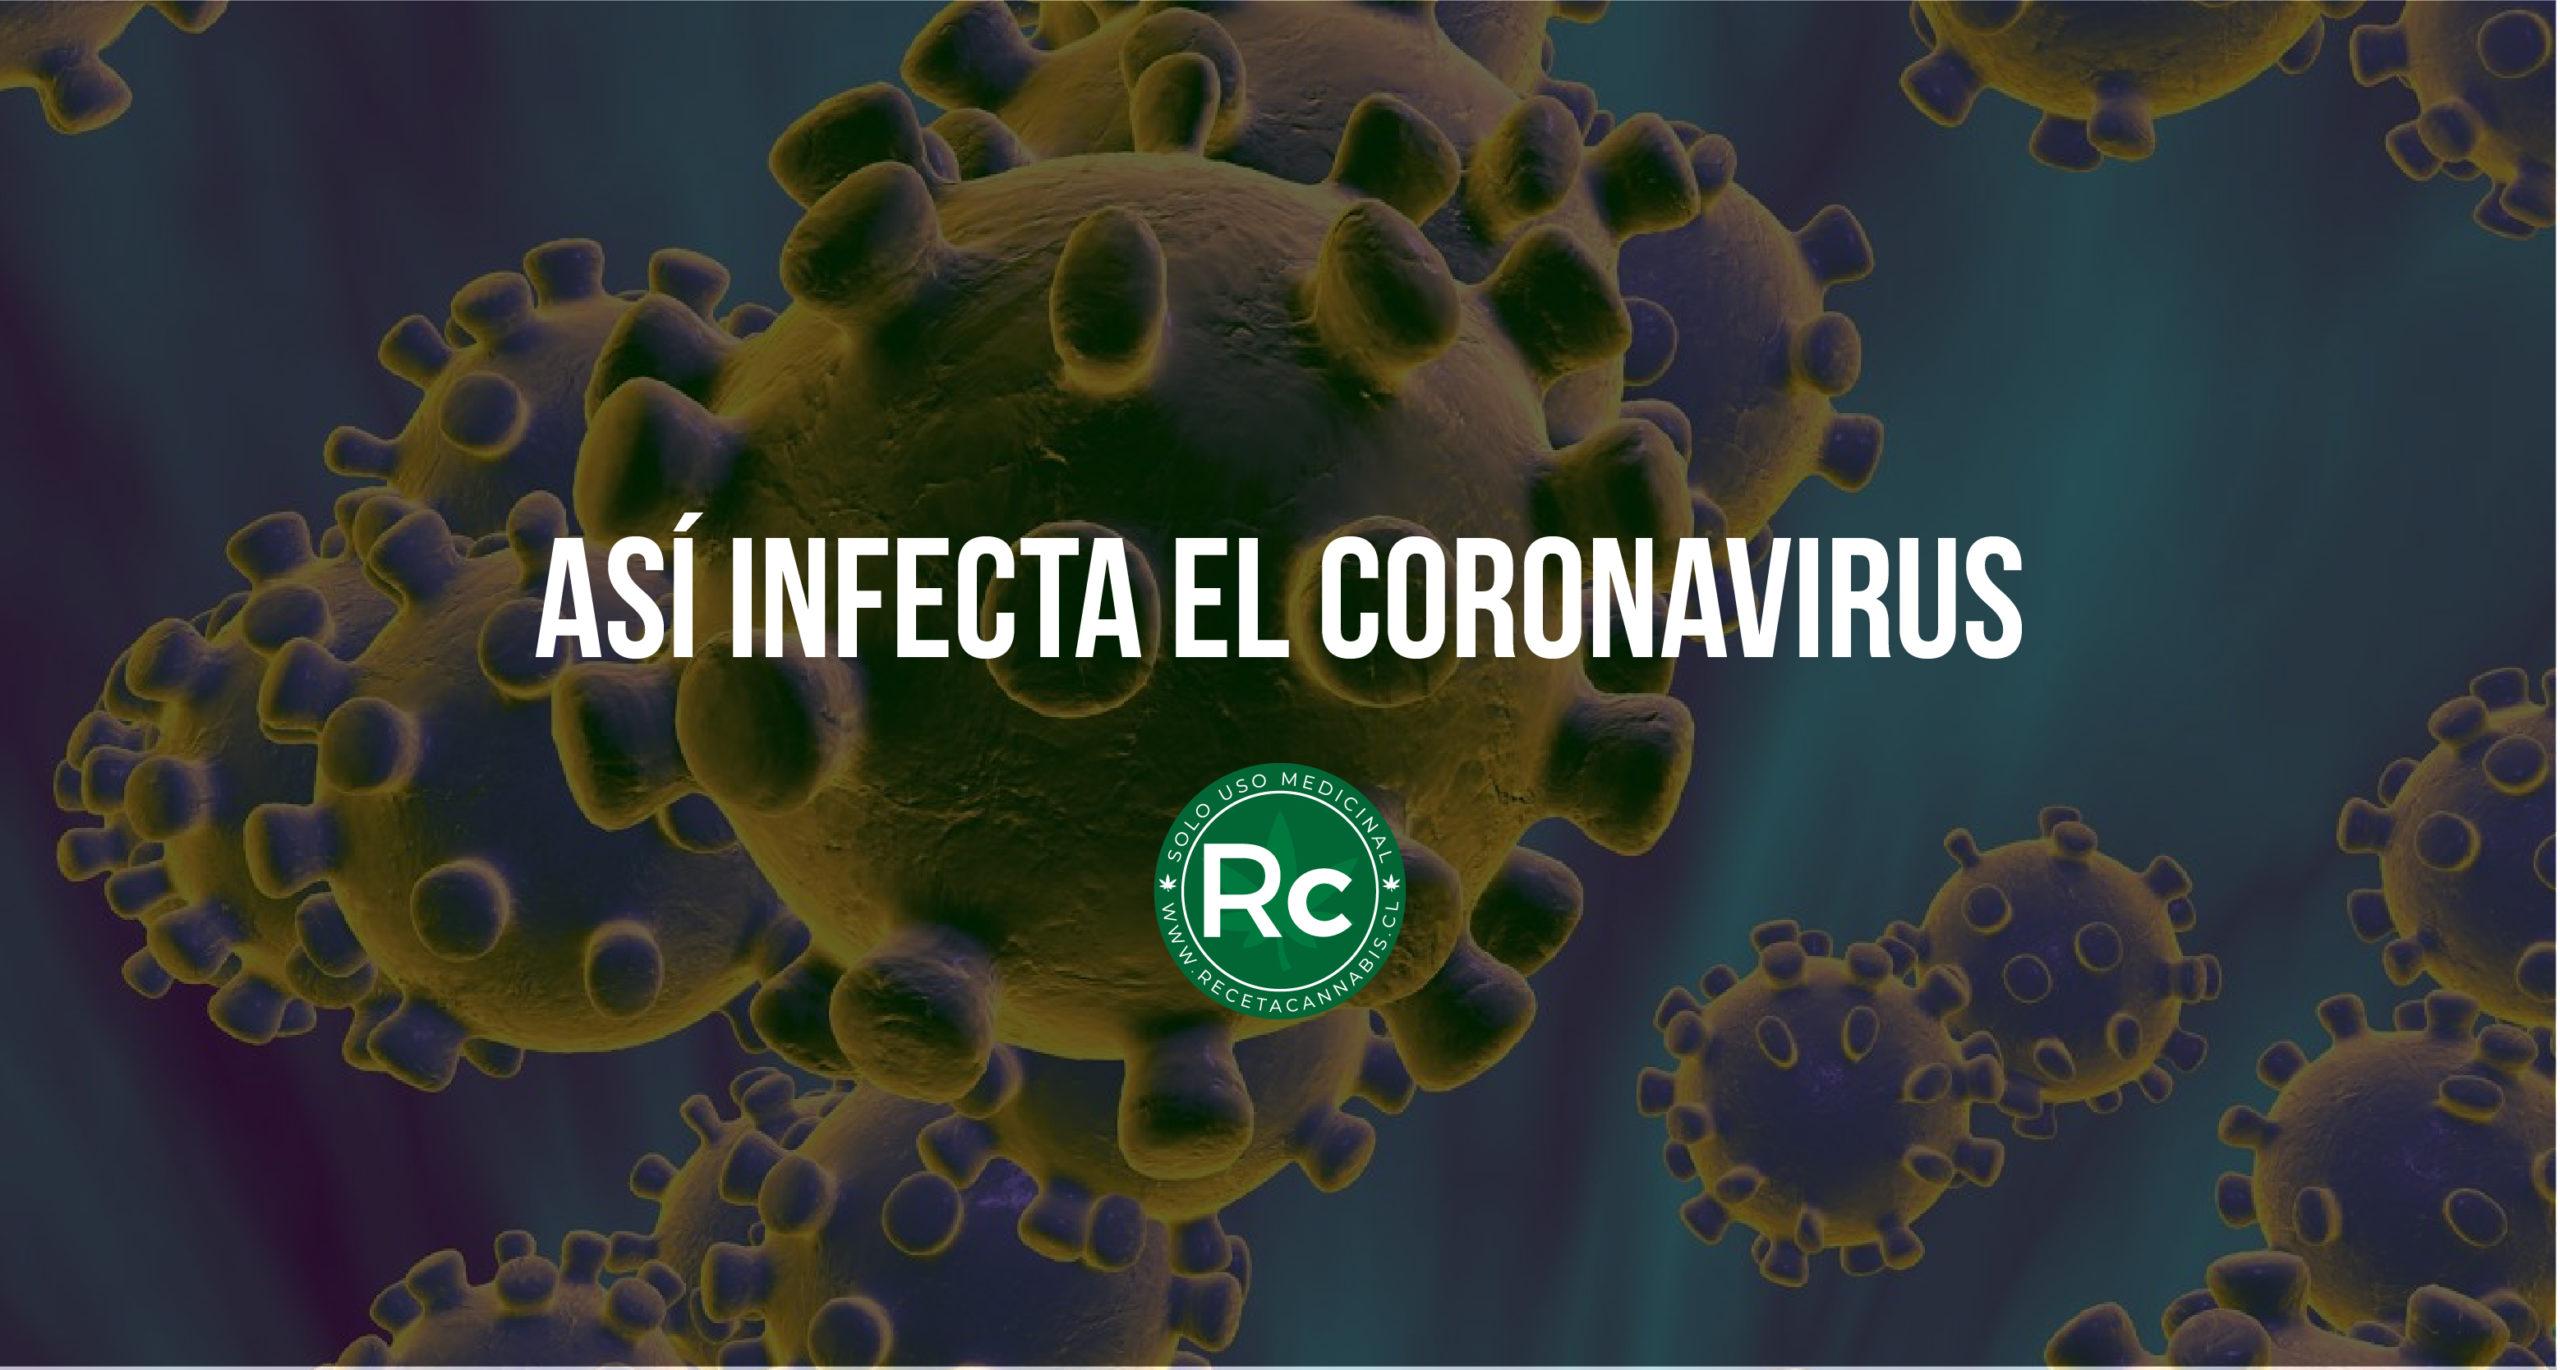 asi_infecta_el_coronavirus-05